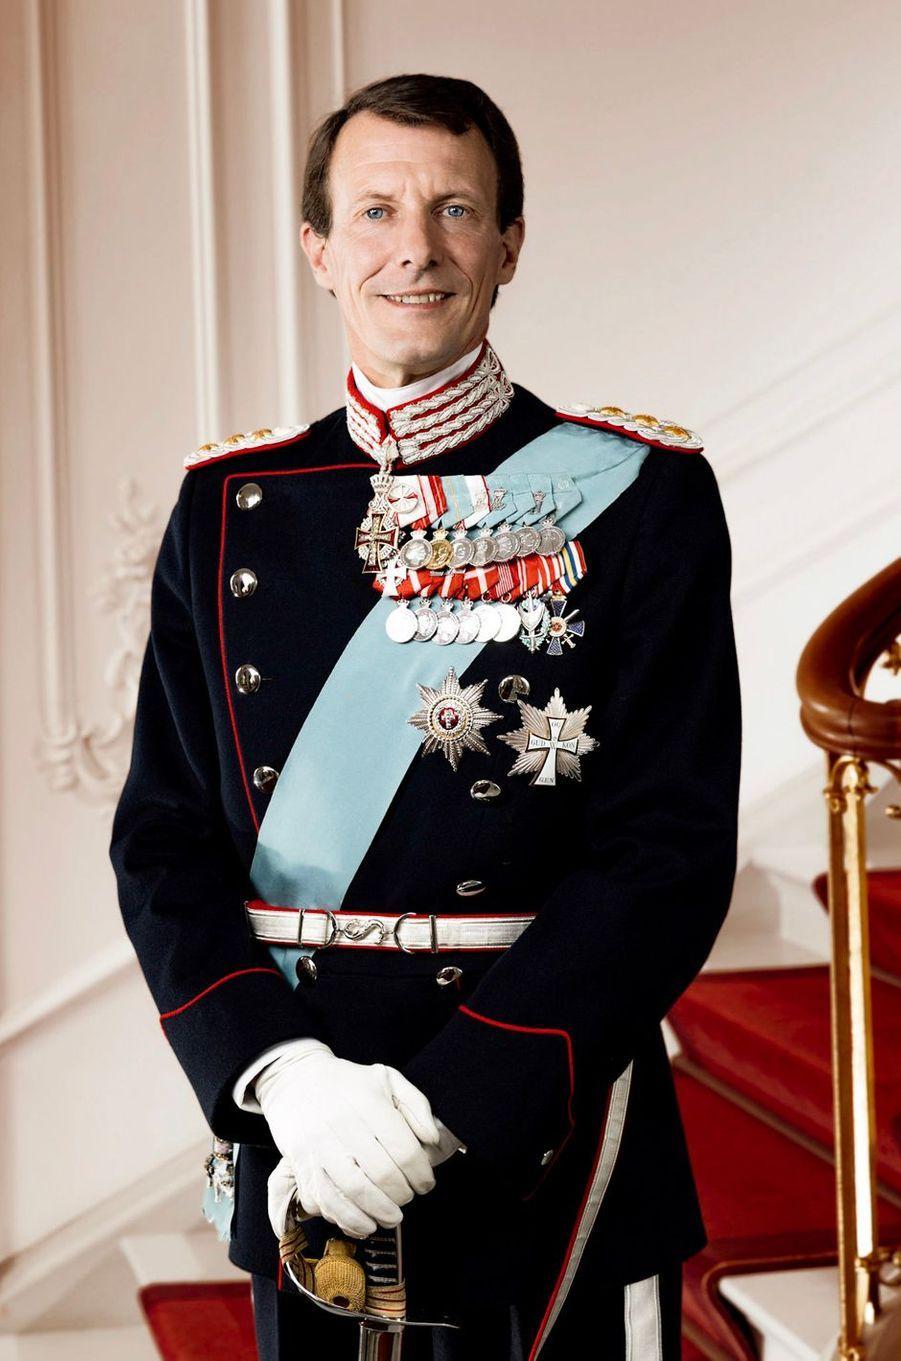 Nouveau portrait officiel du prince Joachim de Danemark, diffusé le 1er juillet 2019